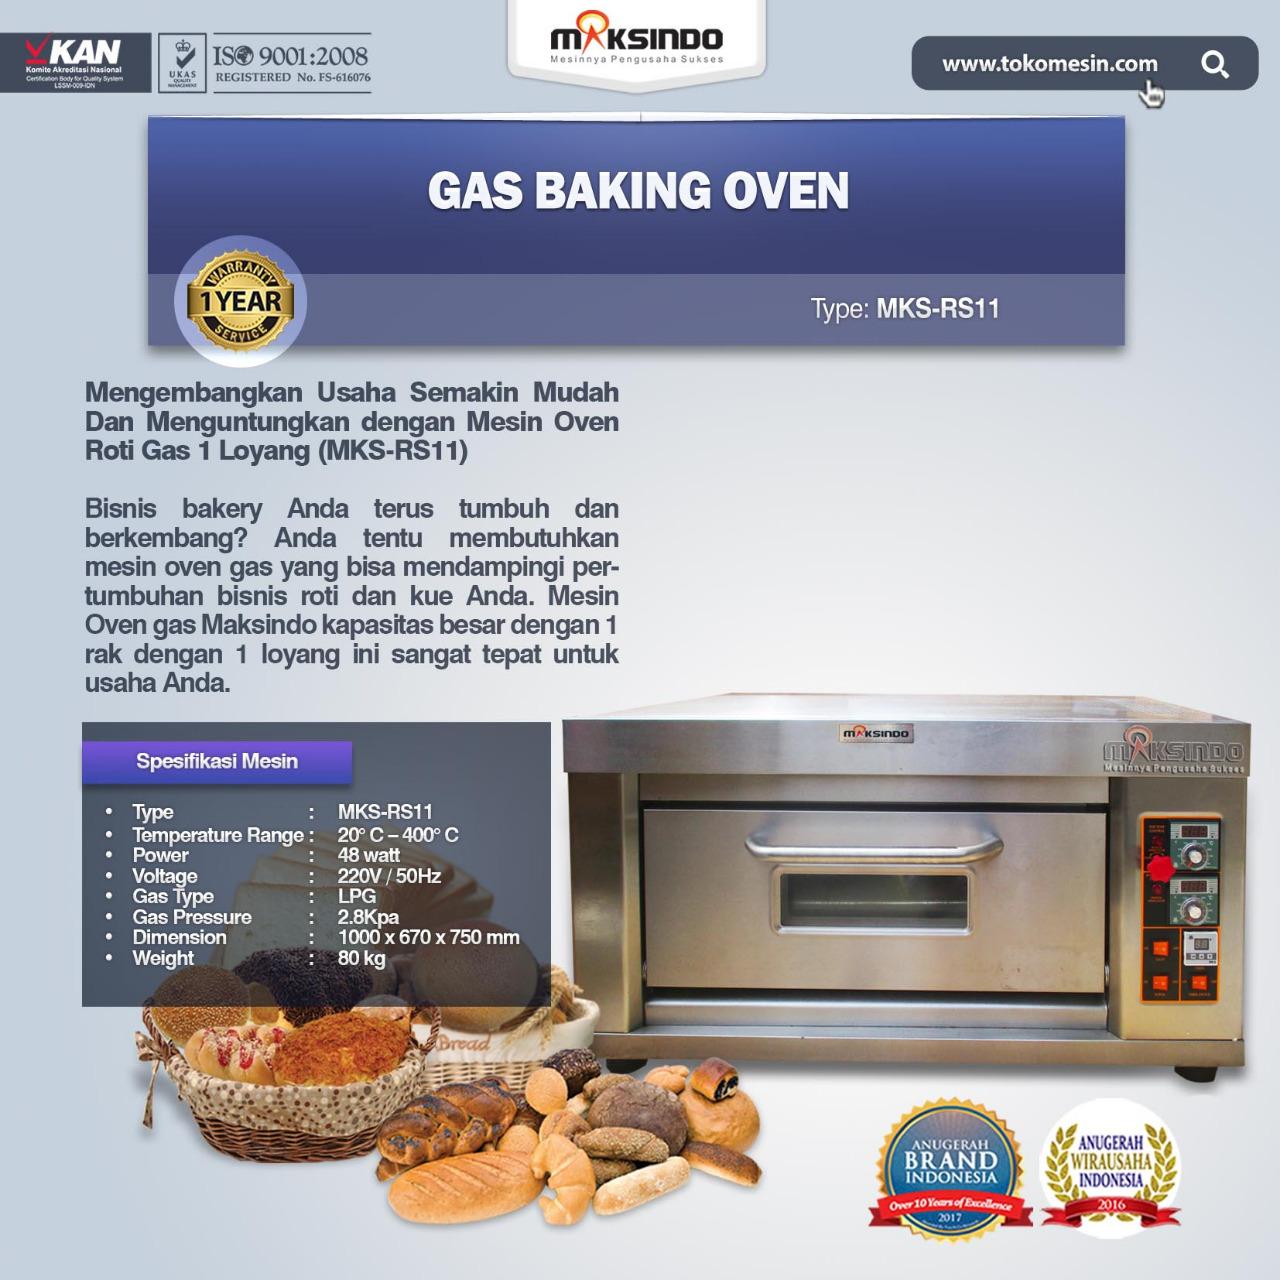 Jual Mesin Oven Roti Gas 1 Loyang (MKS-RS11) di Bekasi